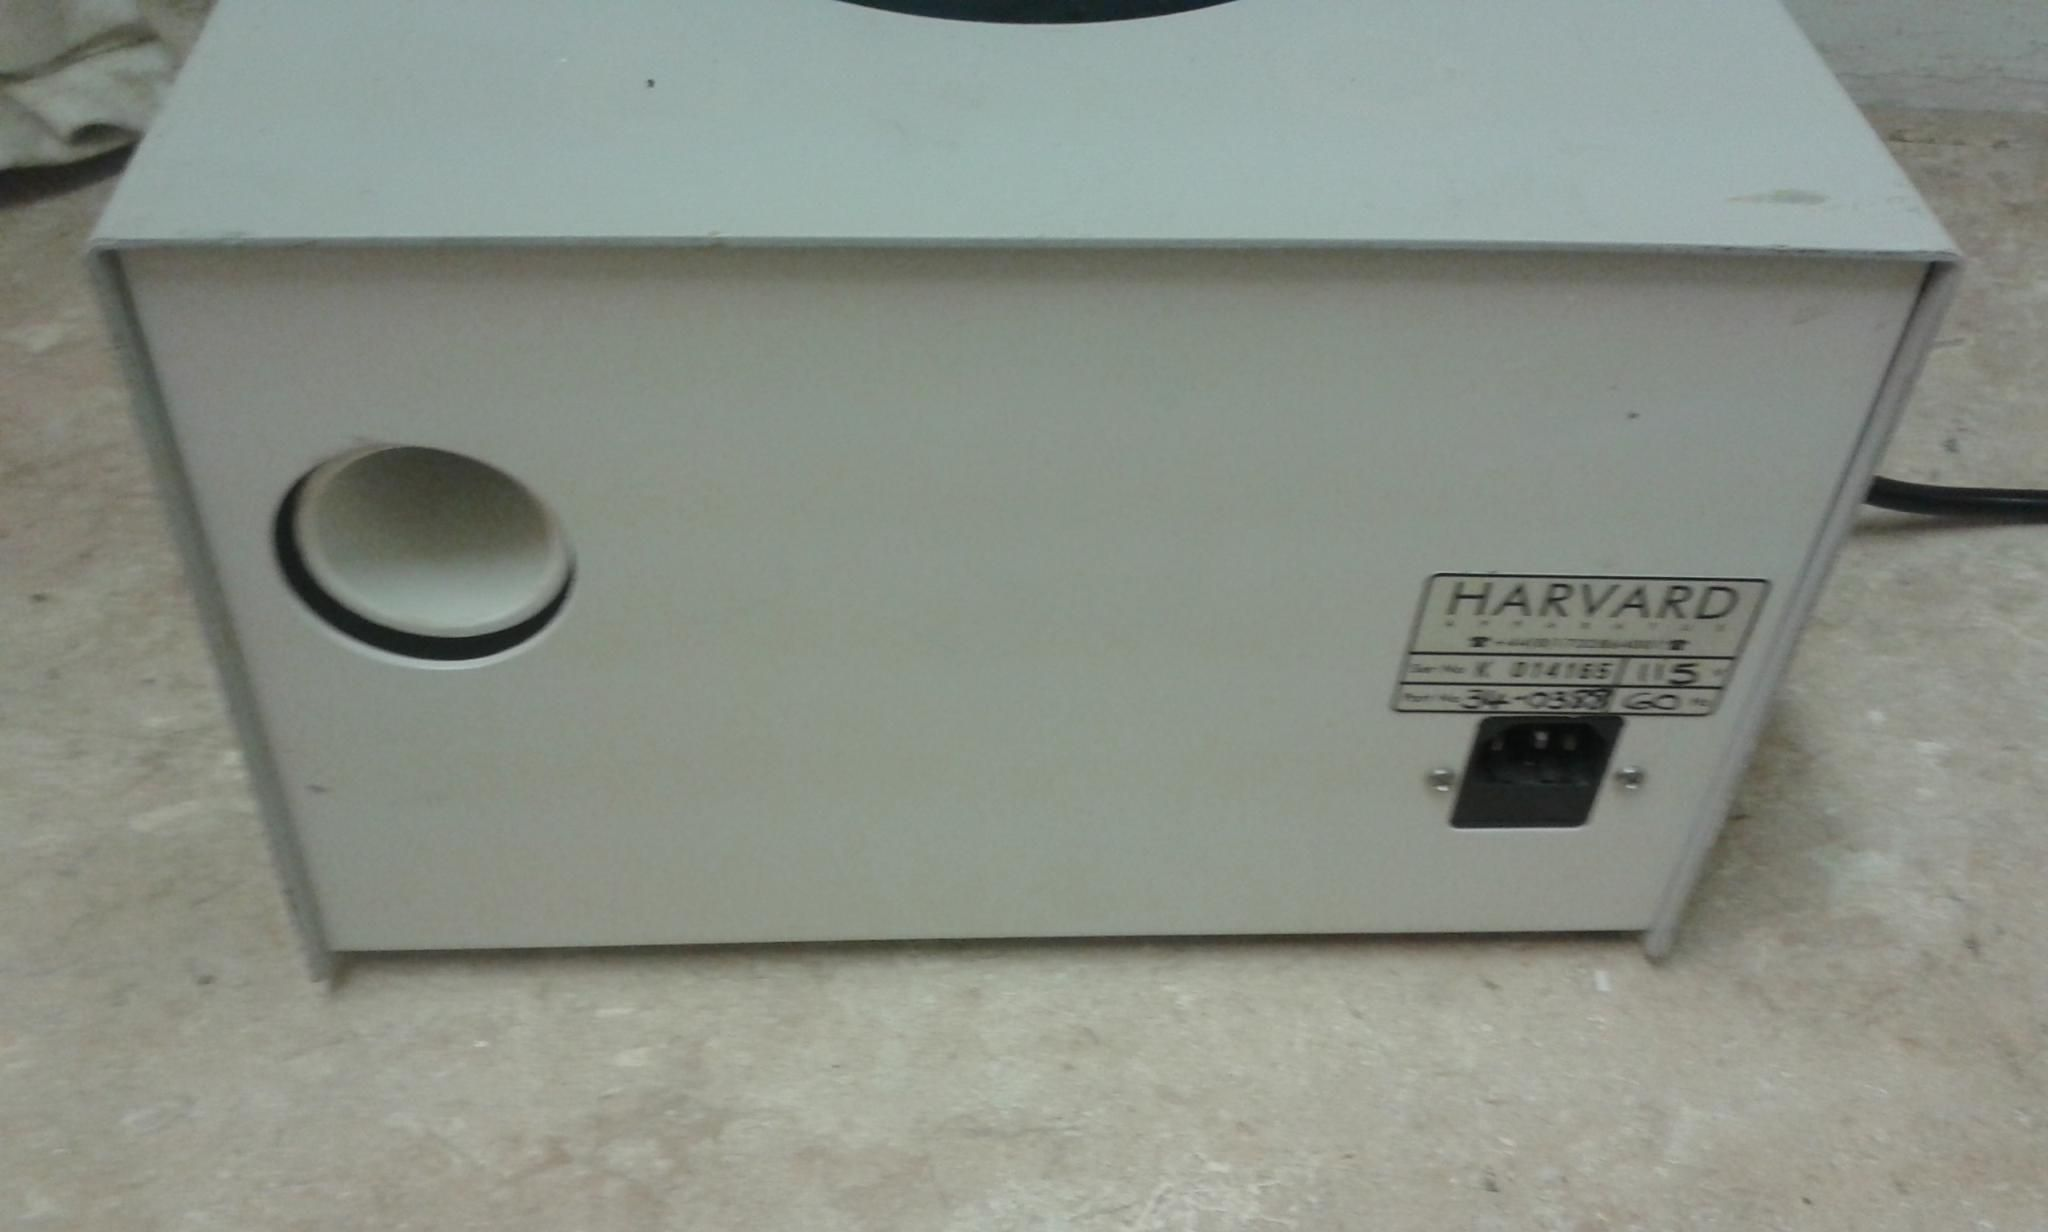 Harvard Apparatus Fluovac System model 34-0388